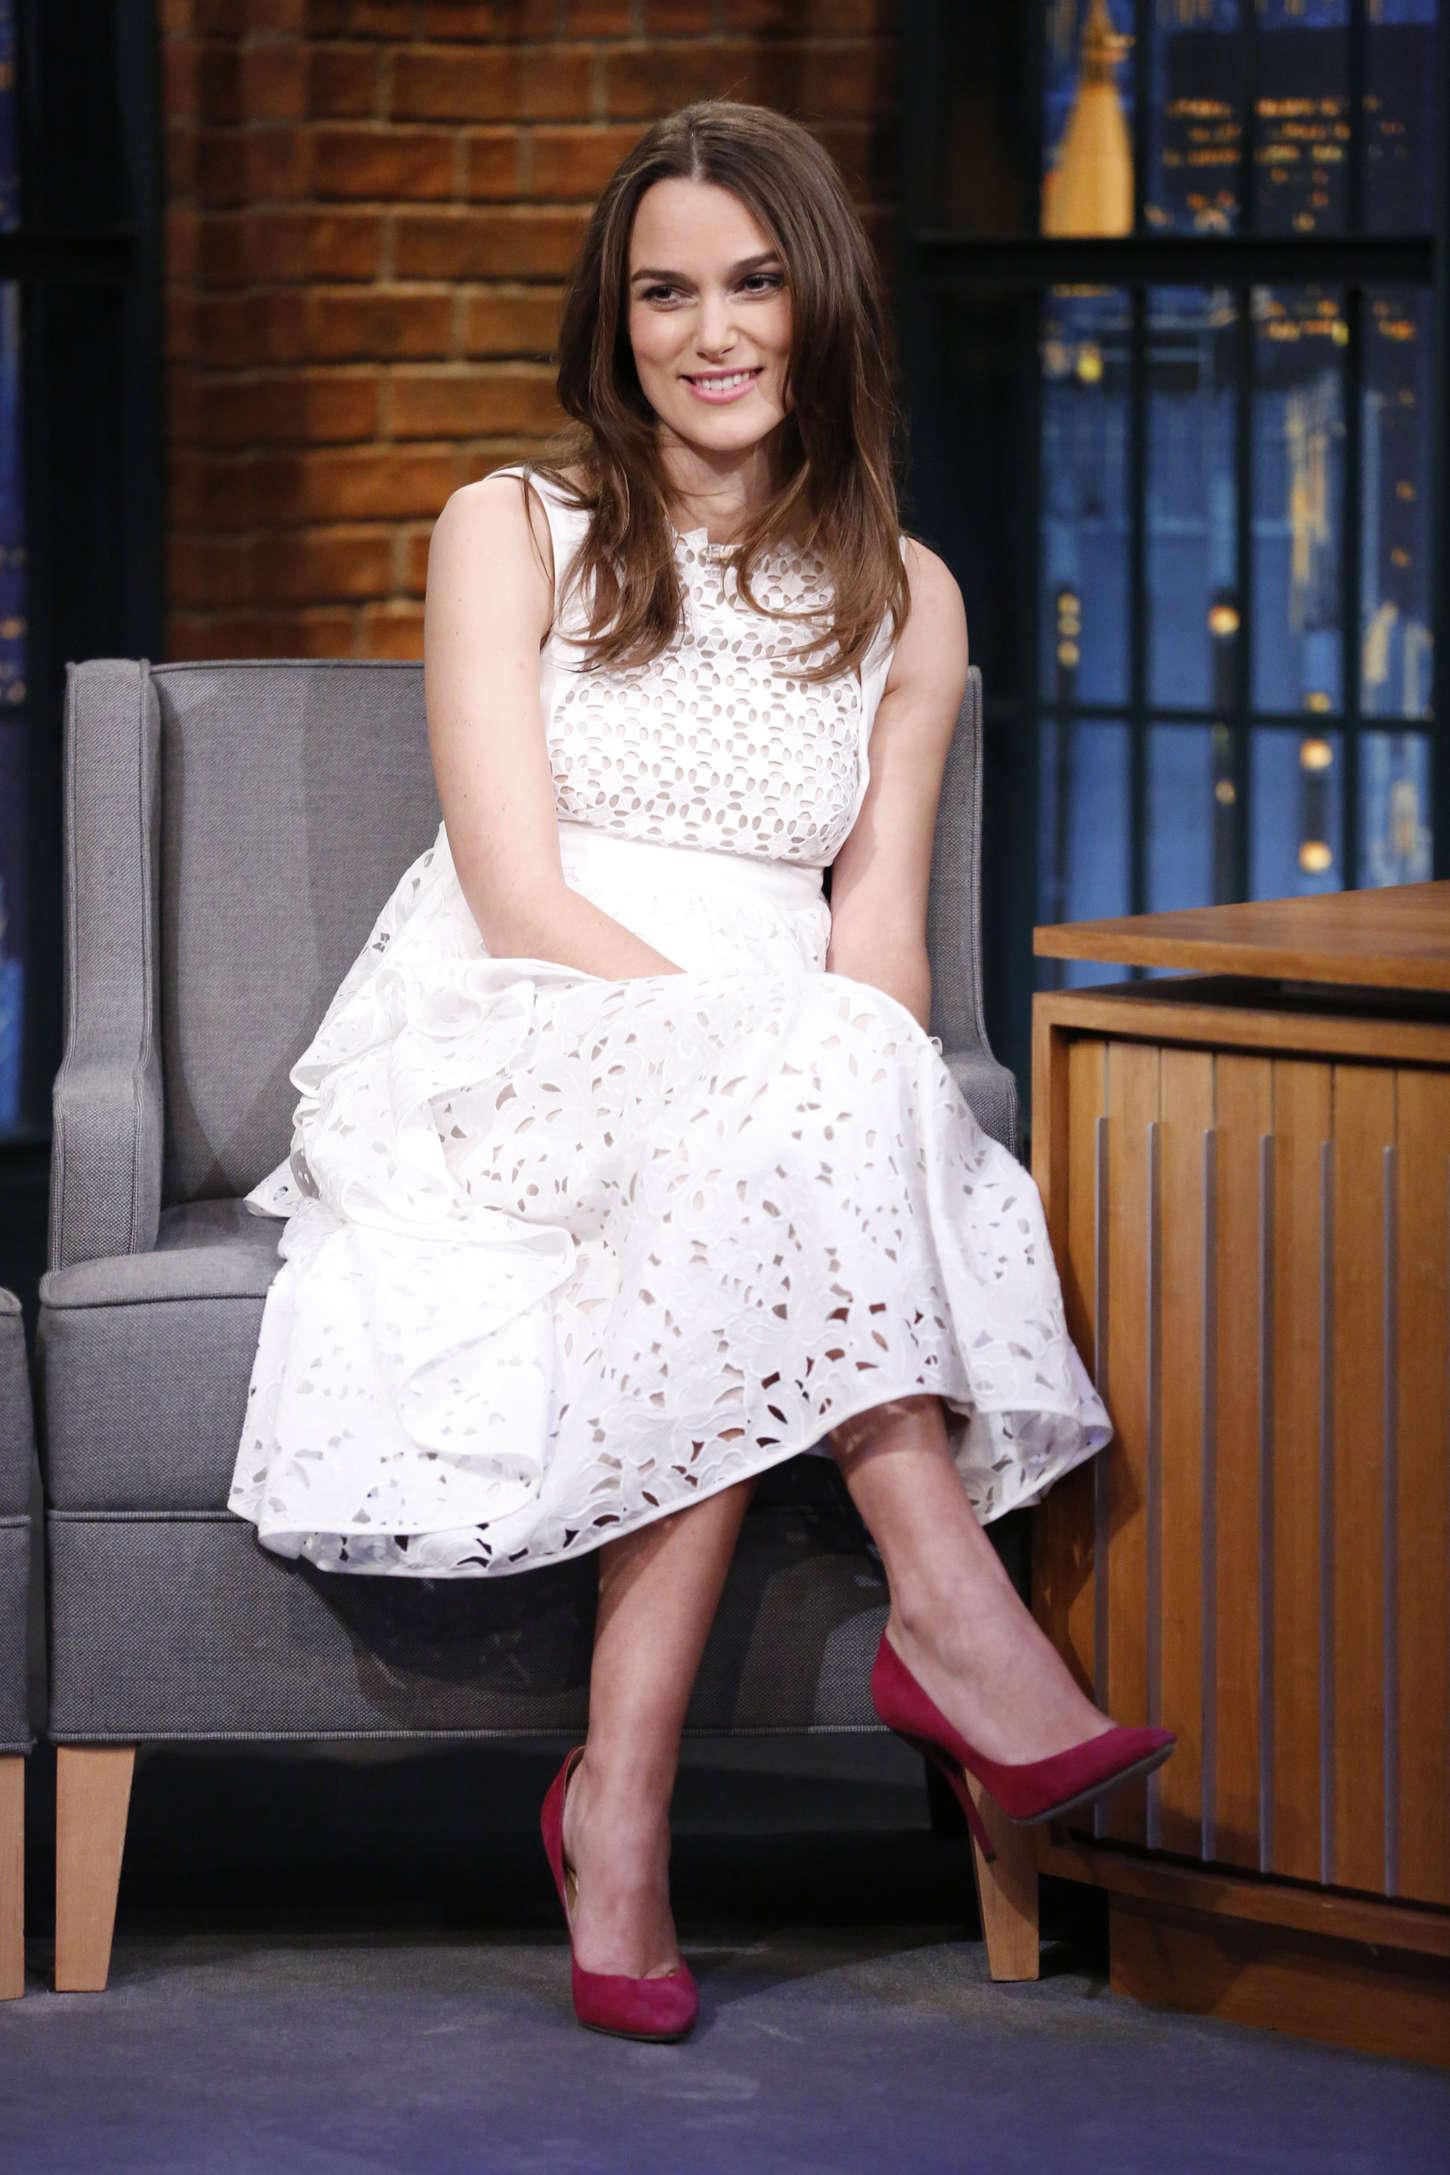 phong cách thời trang Keira Knightley 10